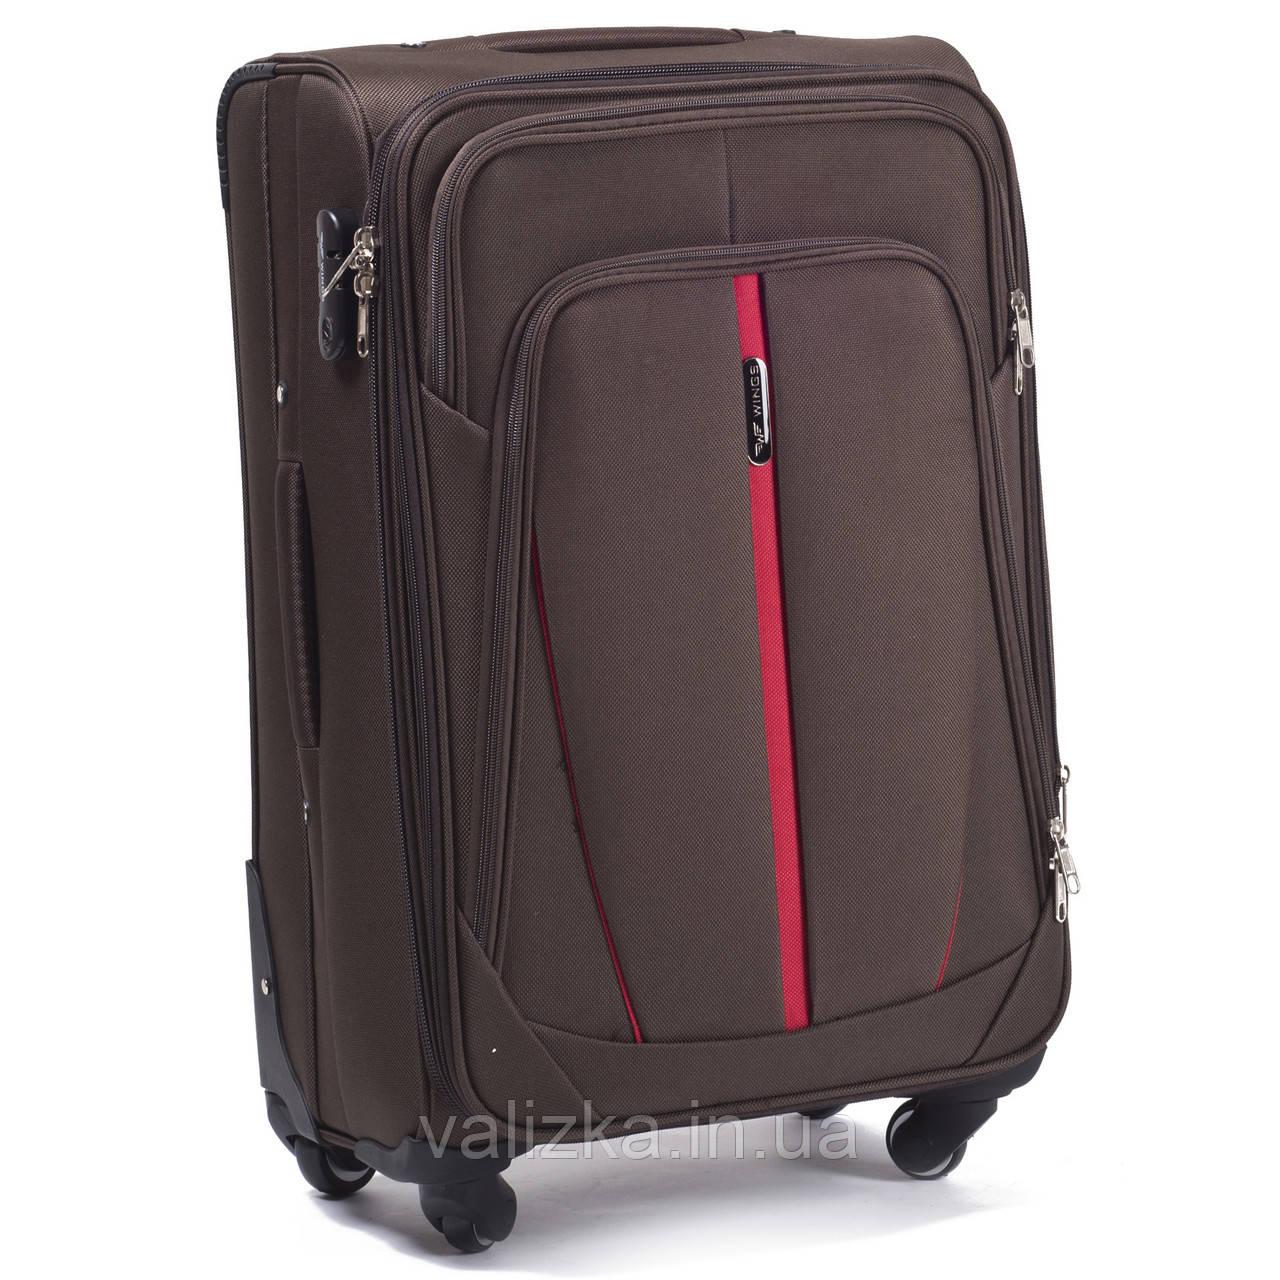 Средний текстильный чемодан на 4-х колесах Wings-1706  кофейного цвета.